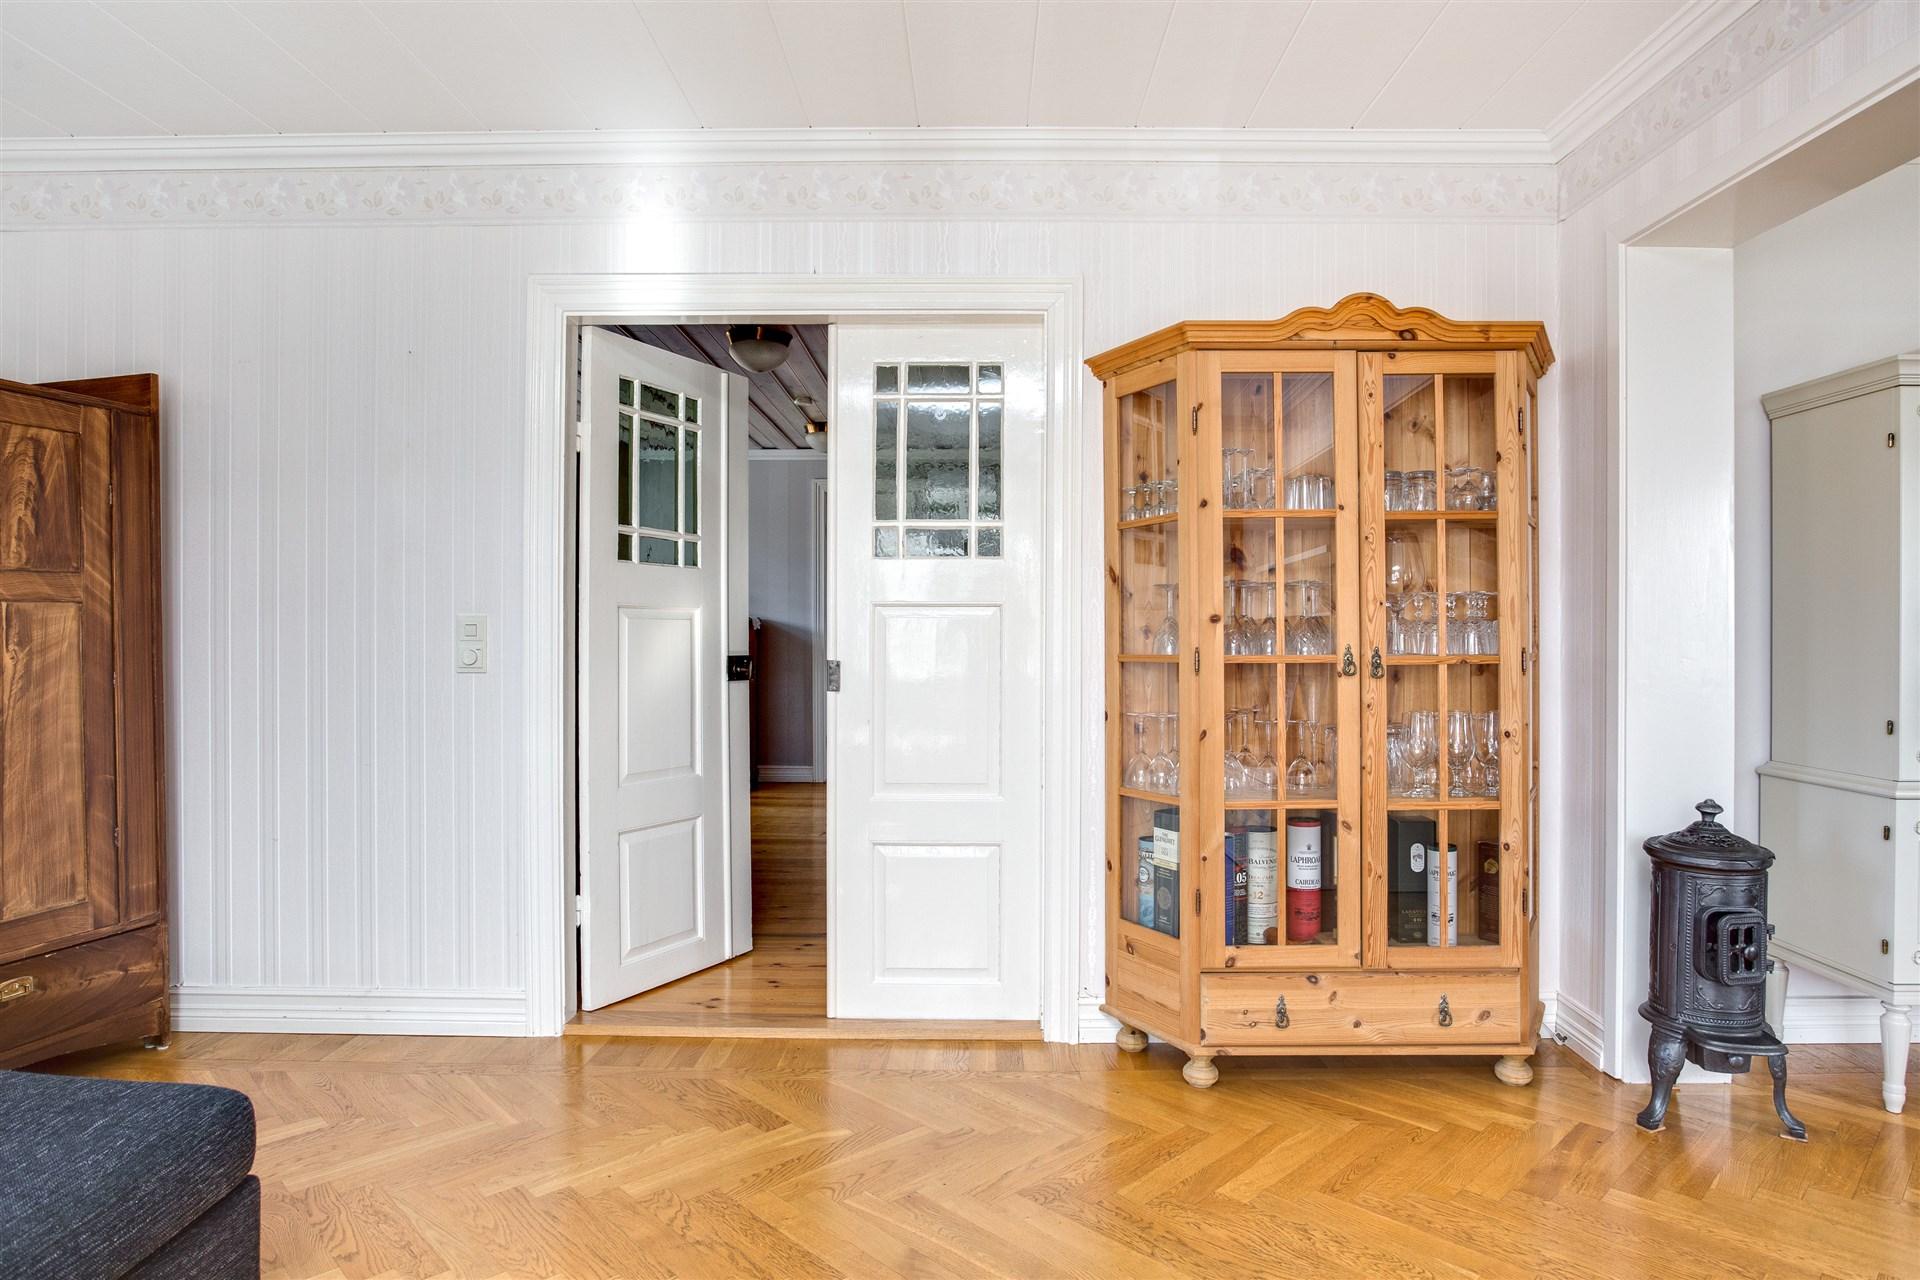 Fina dubbeldörrar som leder ut i hallen från vardagsrummet.